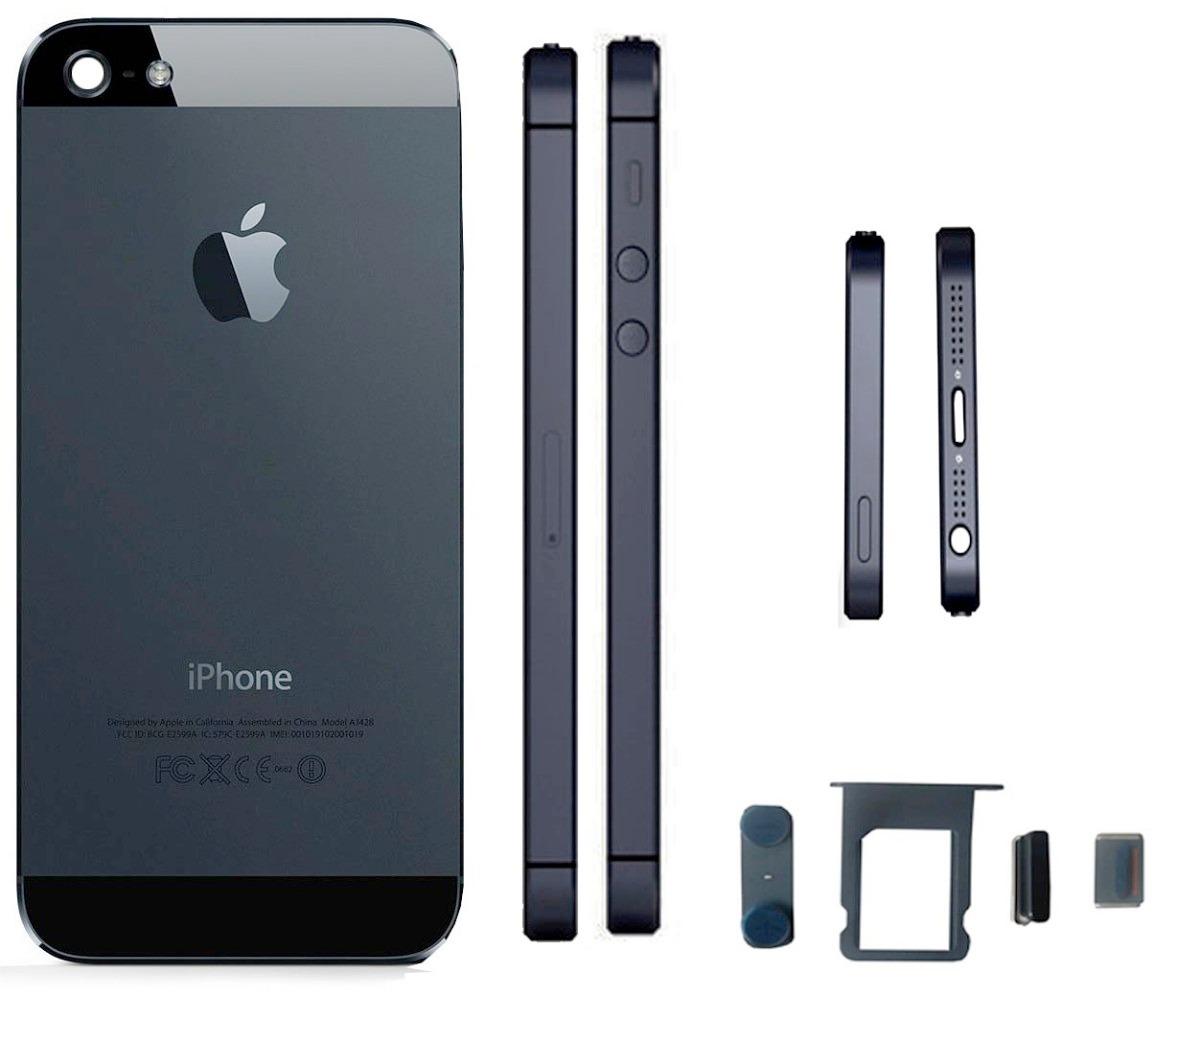 carcasa iphone 5 5g negra completa con botones y bandeja. Black Bedroom Furniture Sets. Home Design Ideas